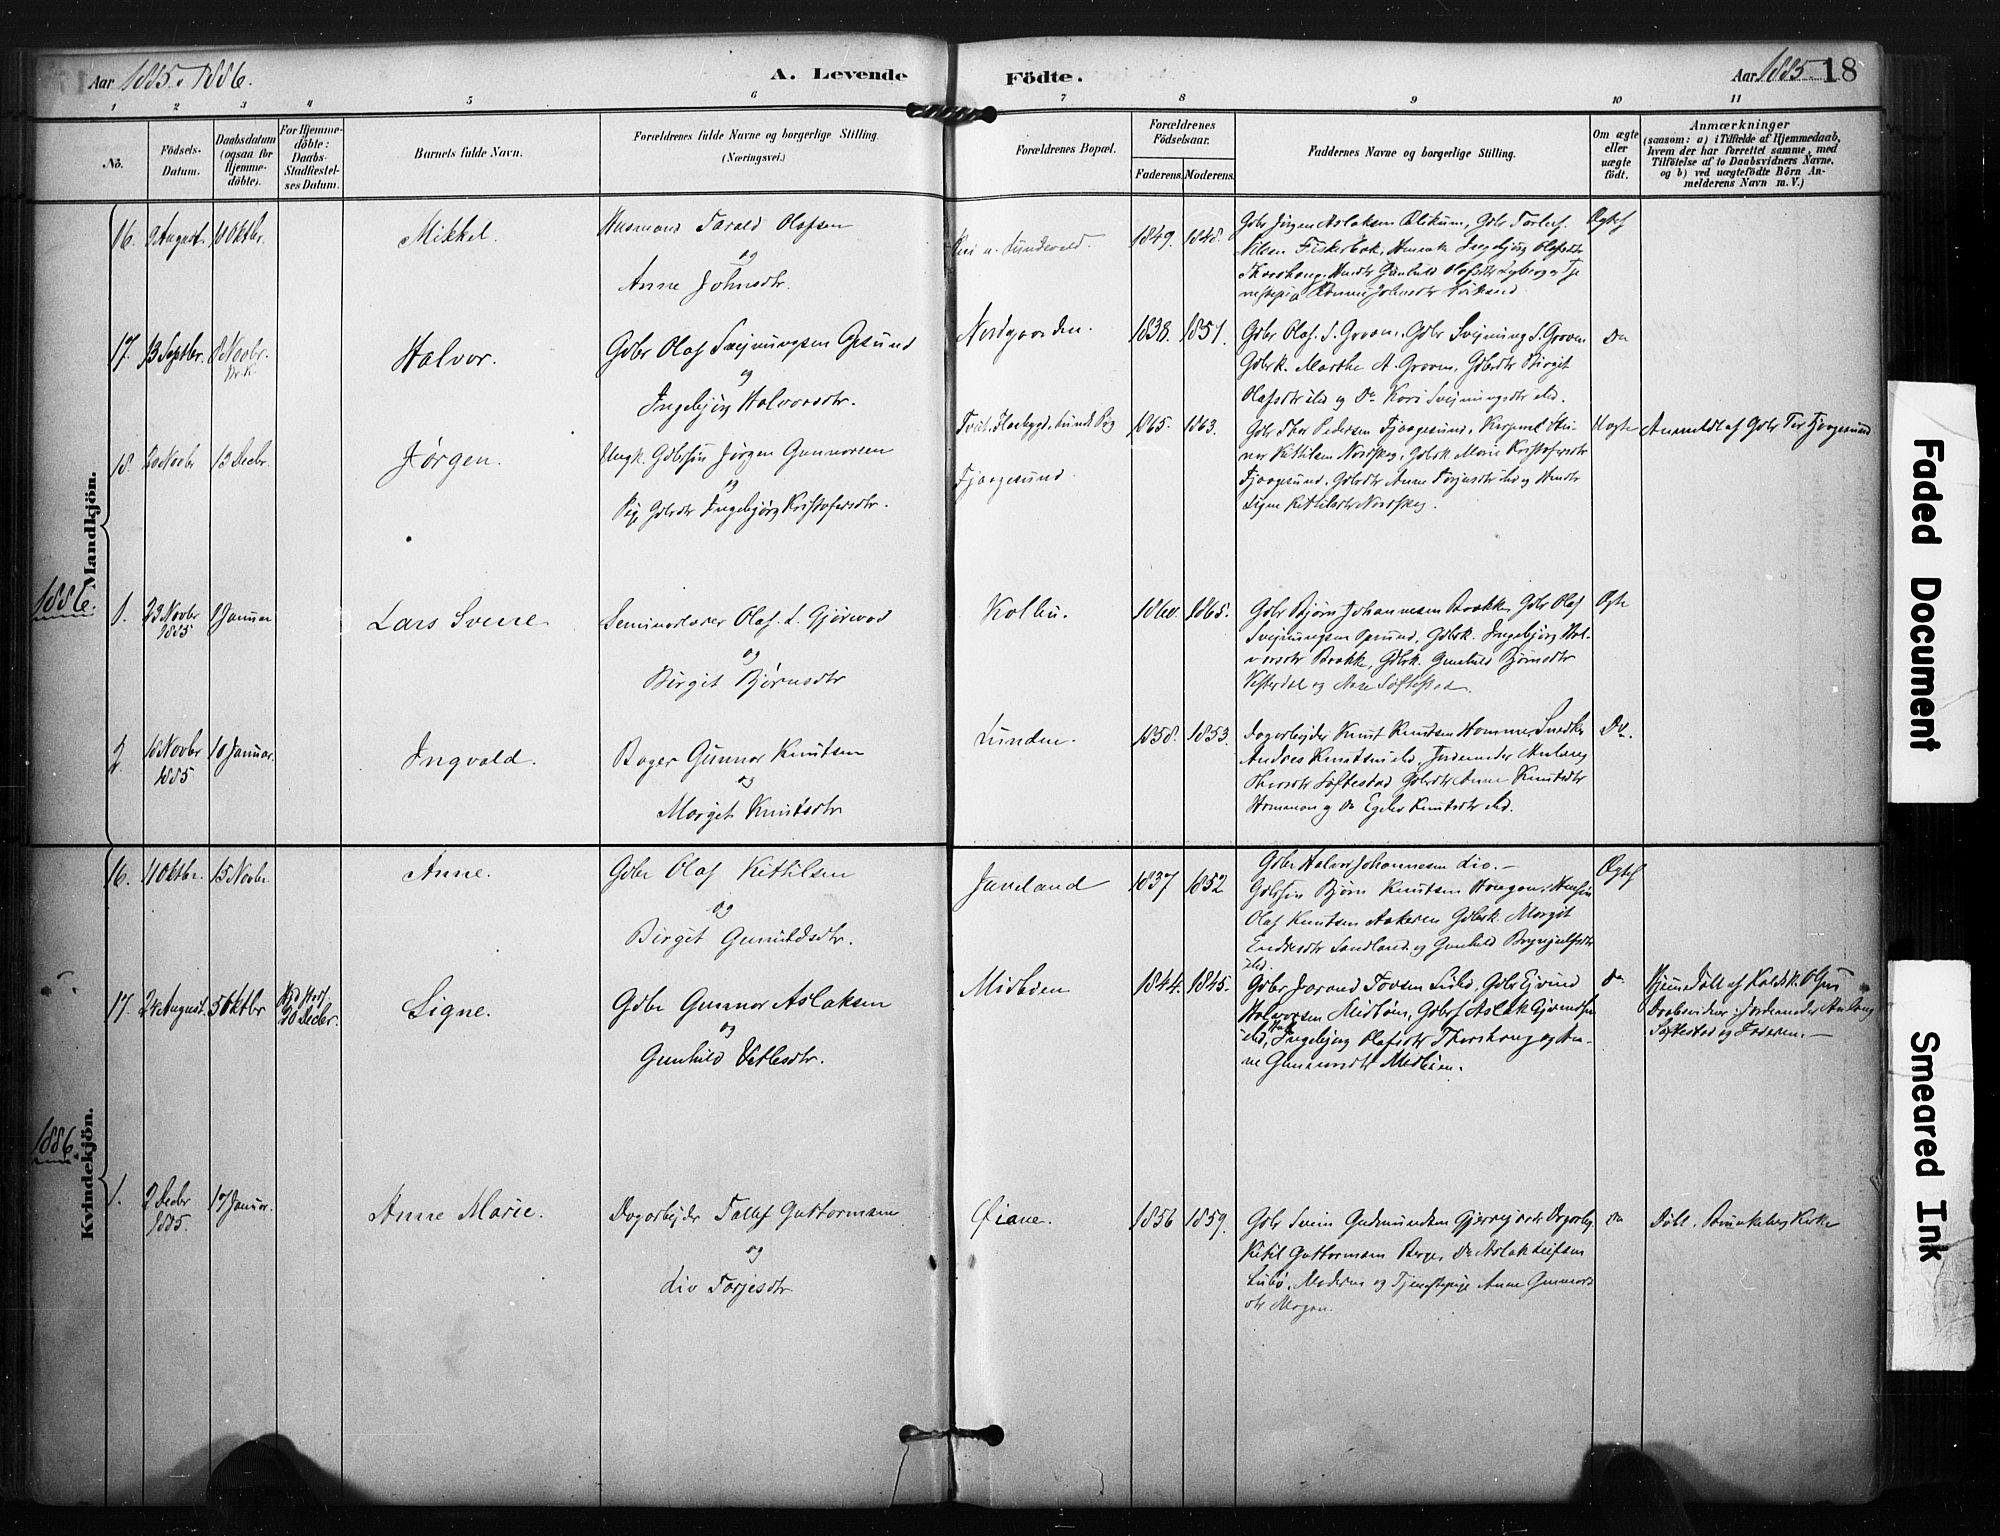 SAKO, Kviteseid kirkebøker, F/Fa/L0008: Ministerialbok nr. I 8, 1882-1903, s. 18